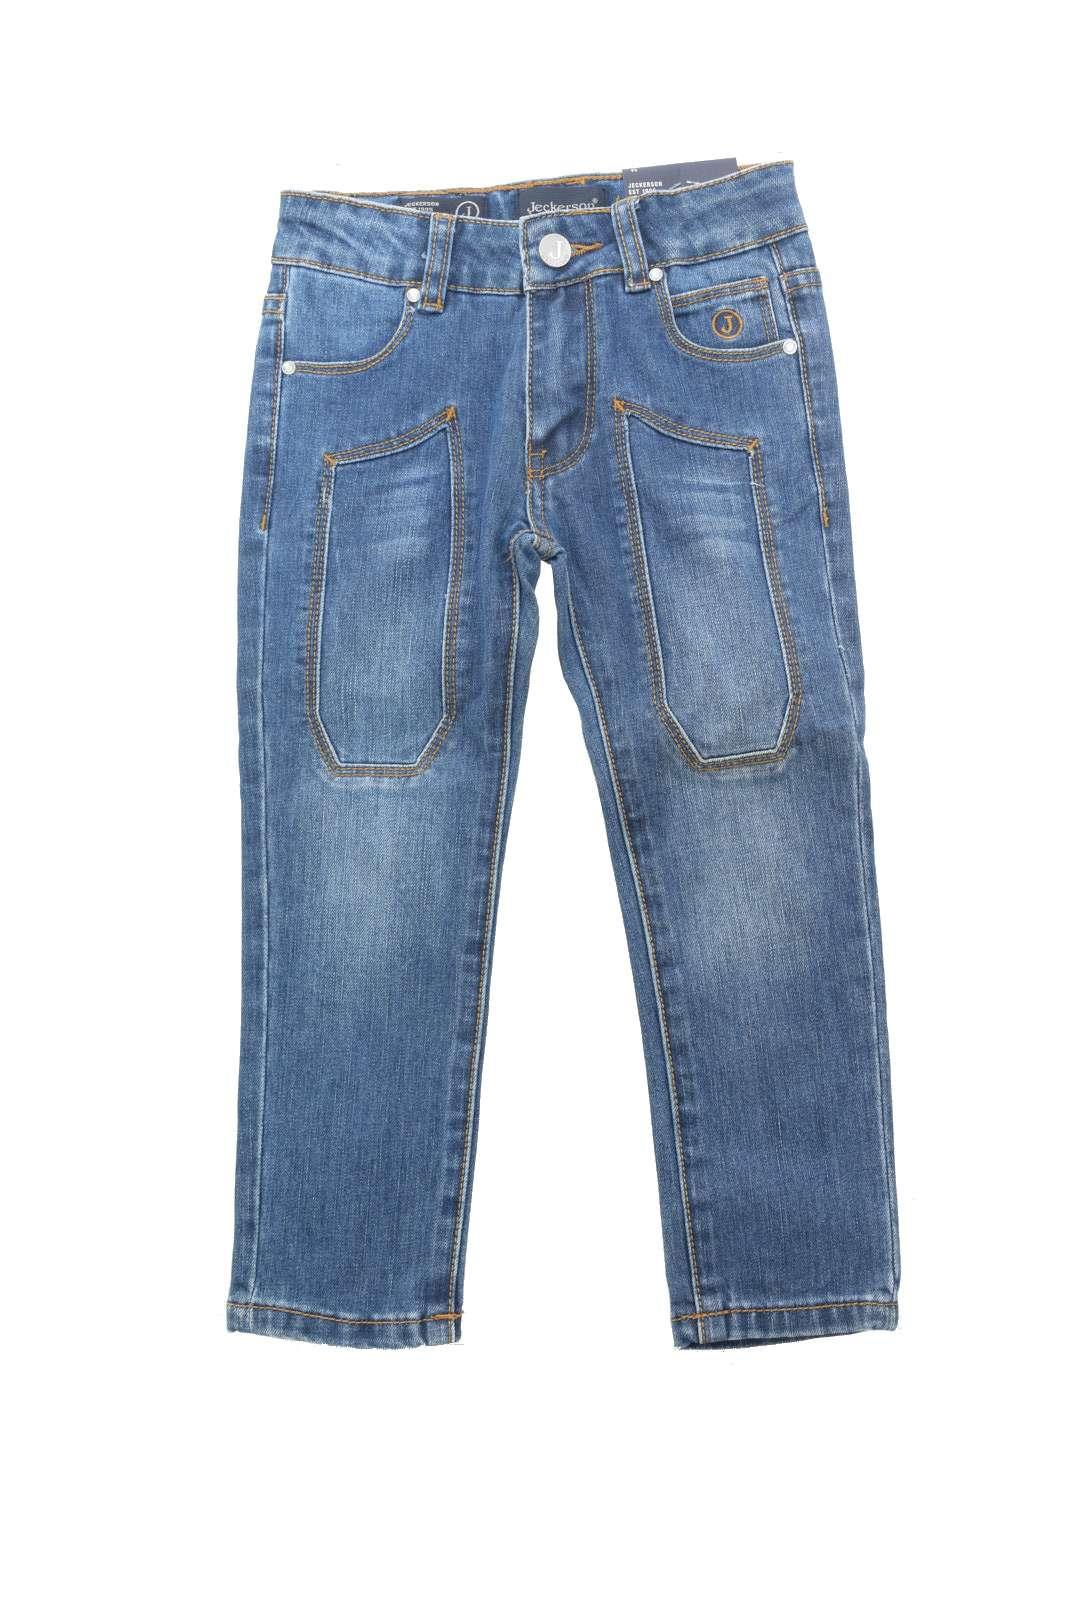 L'iconico jeans Jeckerson proposto per la moda bambino si impone con nuovi colori per look completamente nuovi. Caratterizzato dalle toppe in tessuto denim, si presenta con la comoda e versatile vestibilità slim, un evergreen.